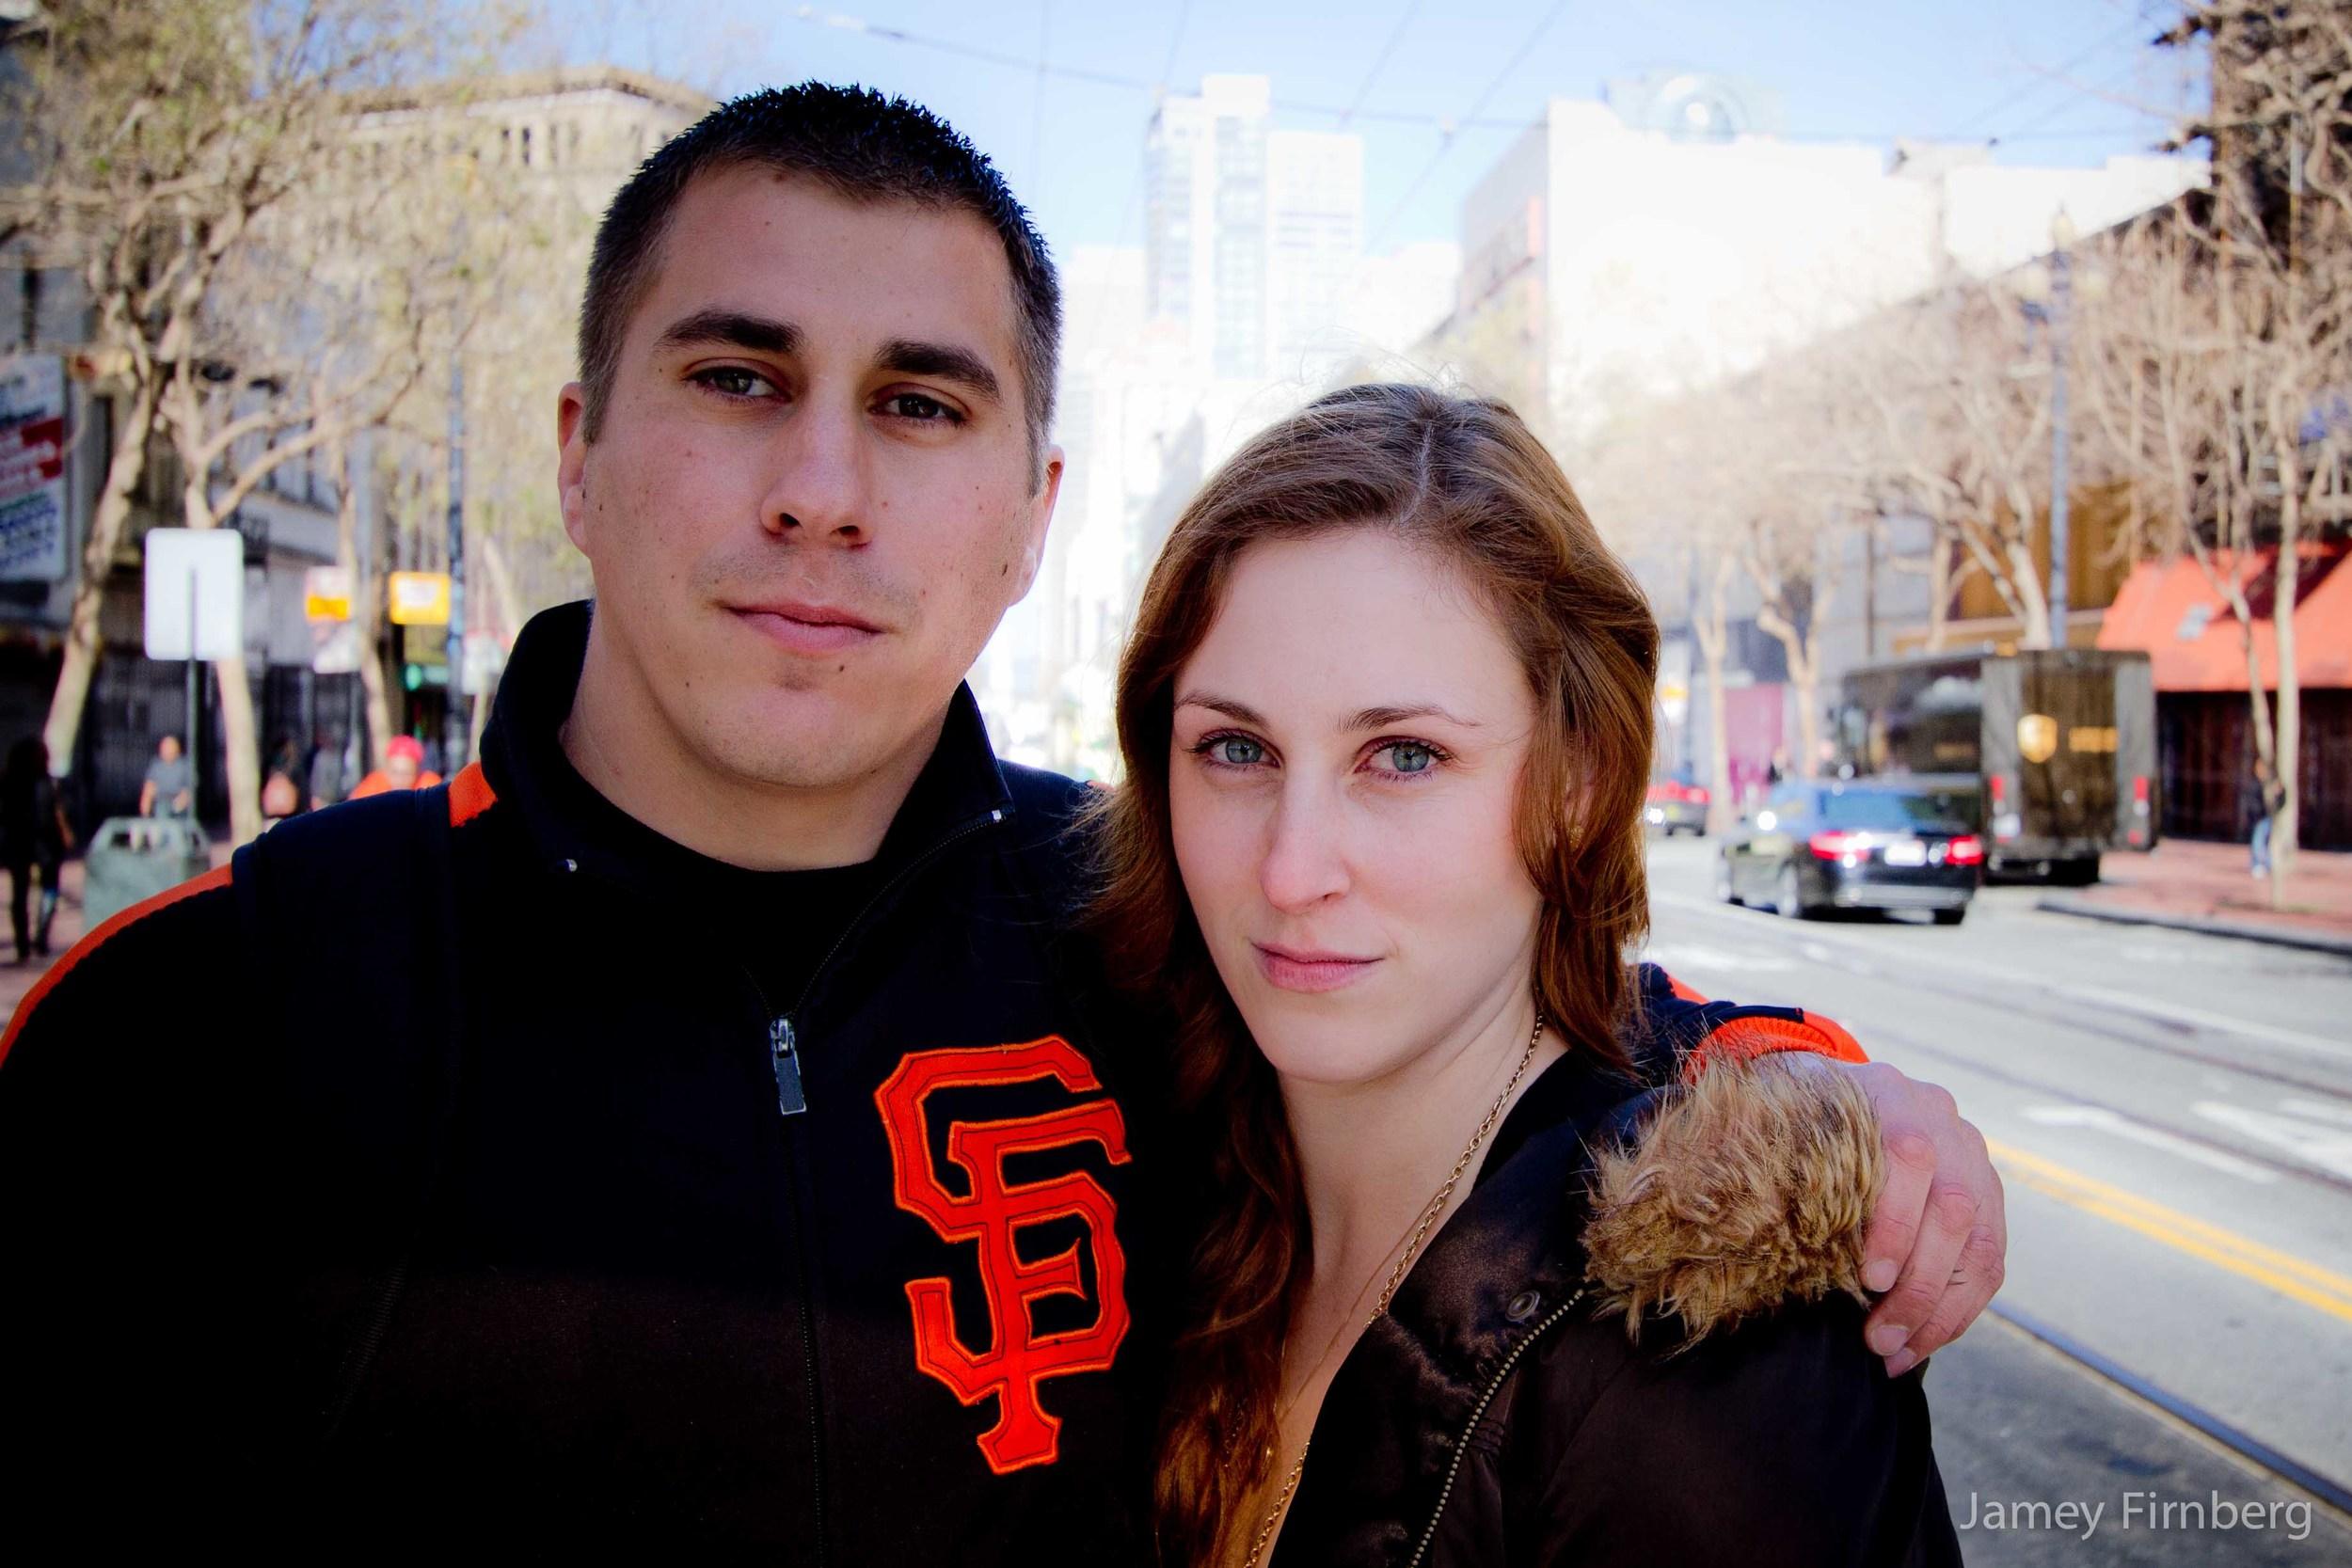 SF_Bus_Stop_Couple-3.jpg